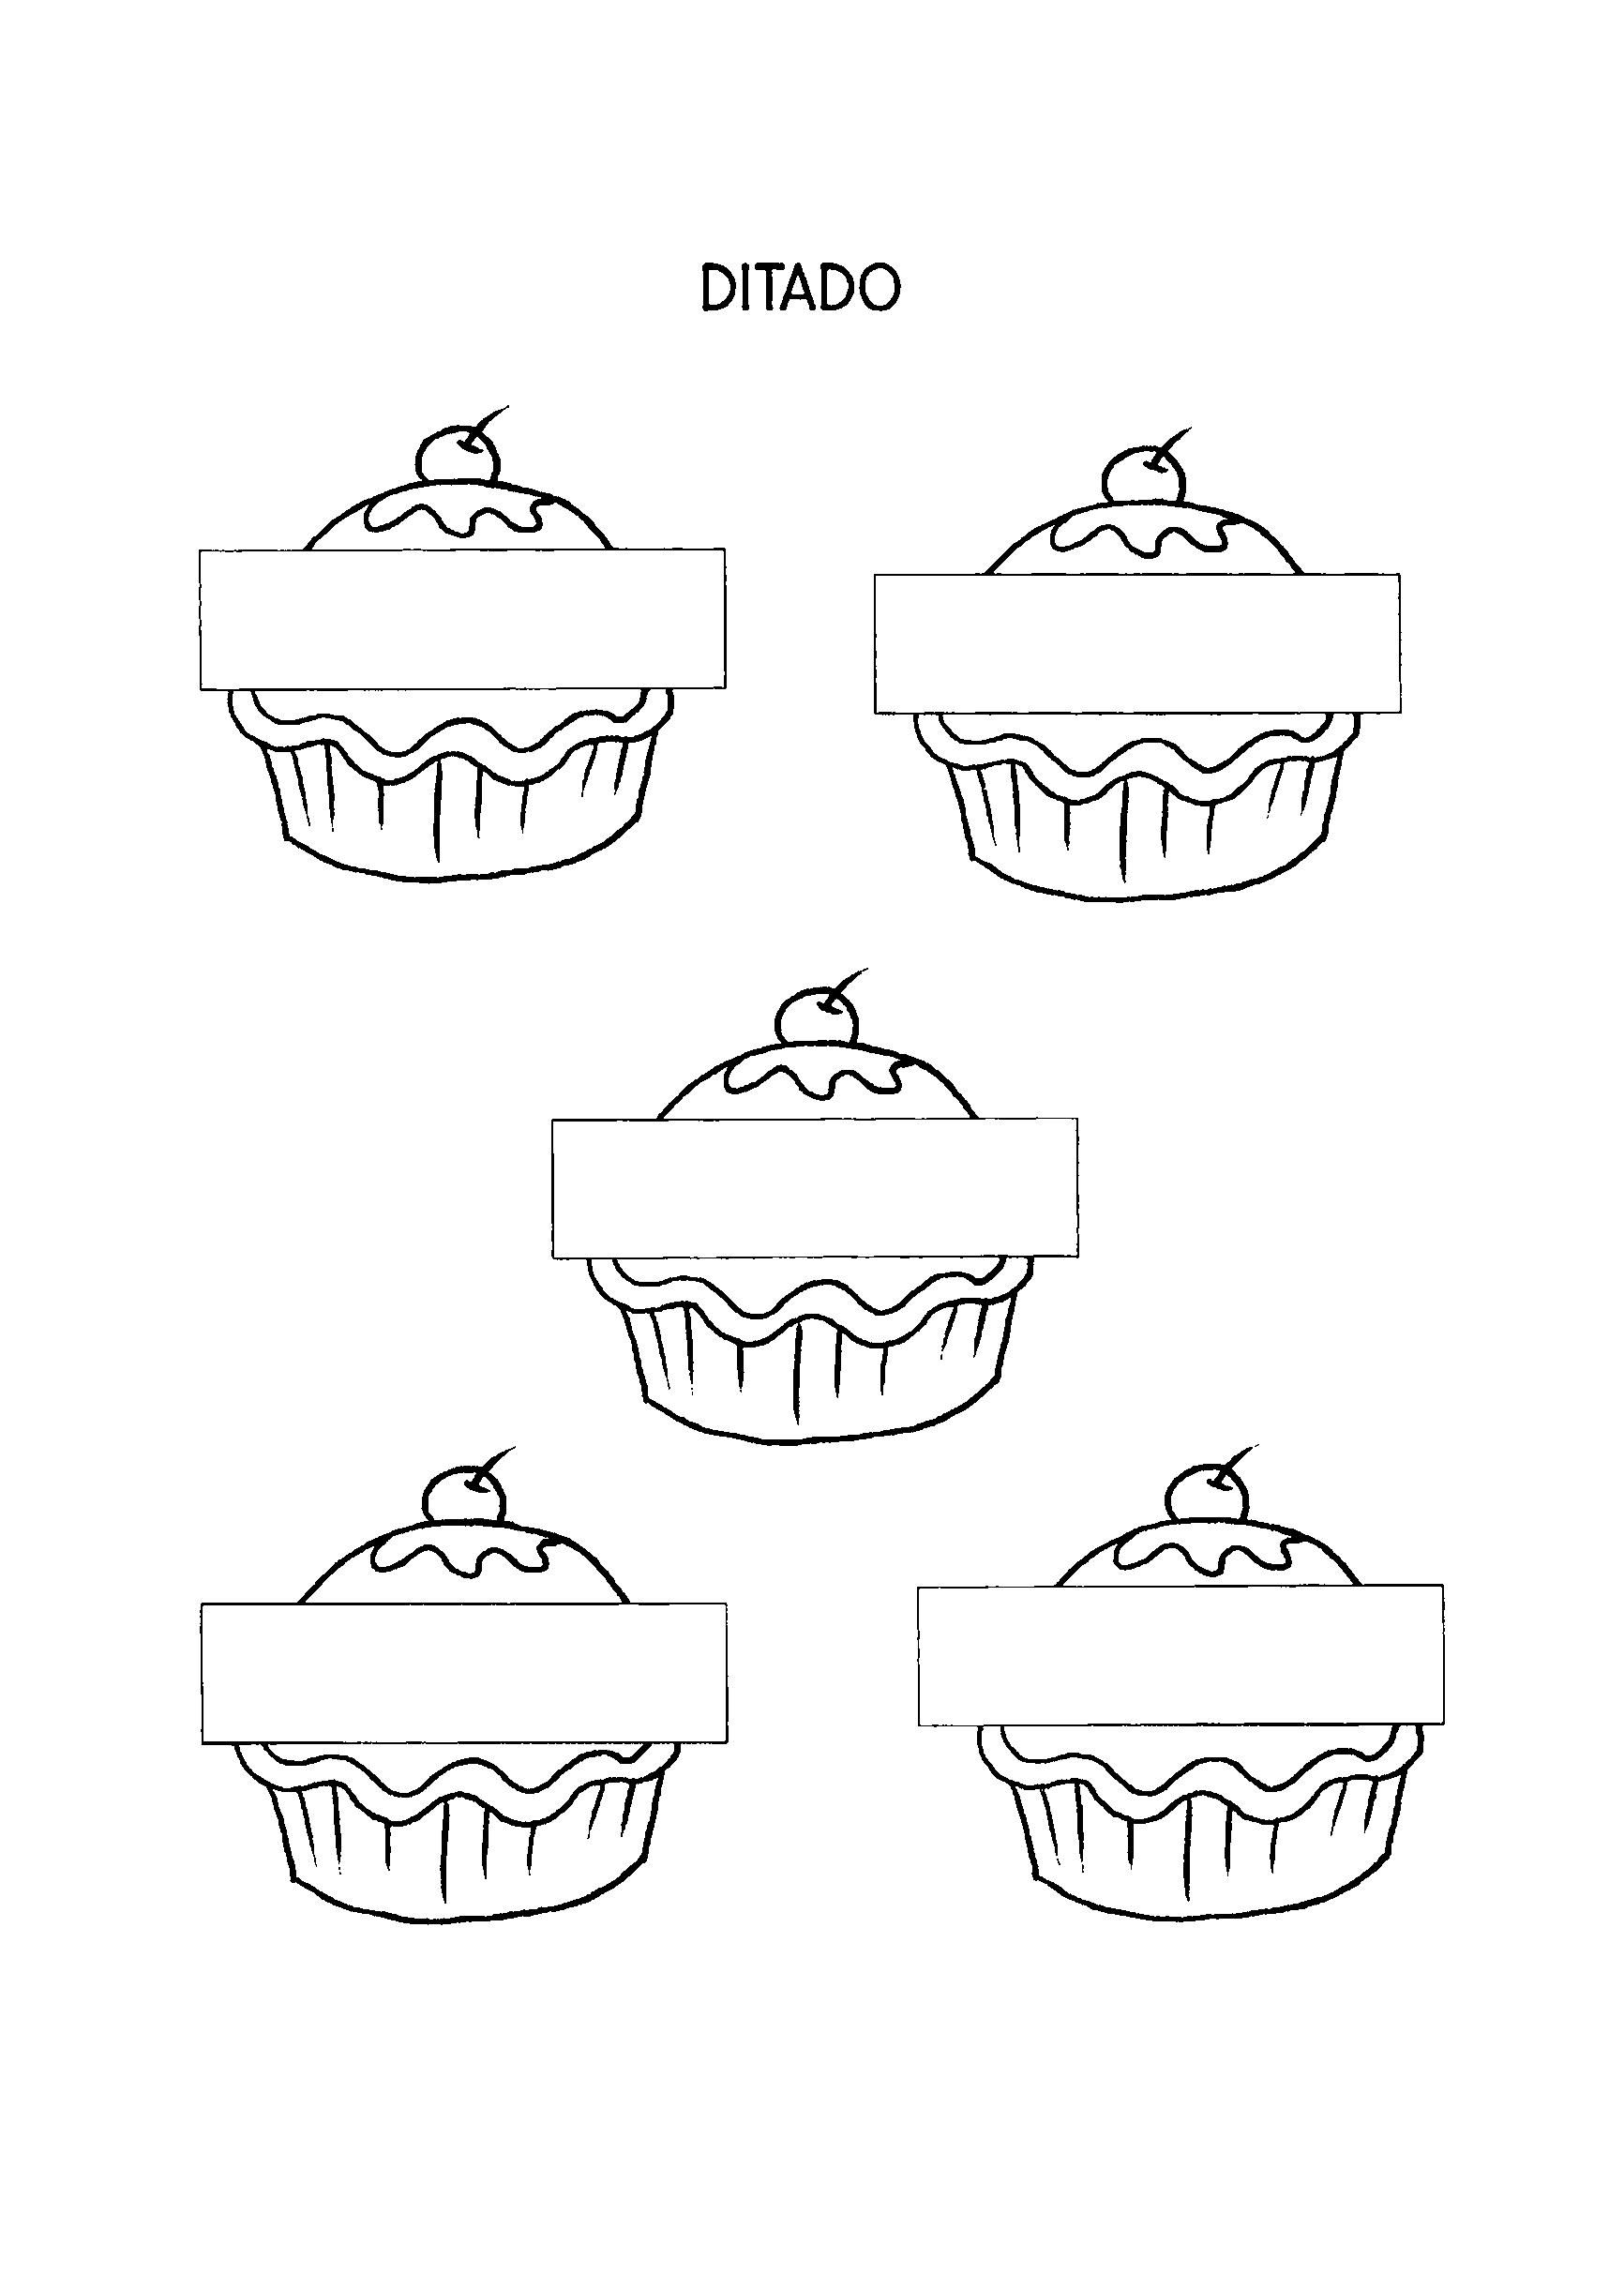 0198-ditado-folhas-bolo